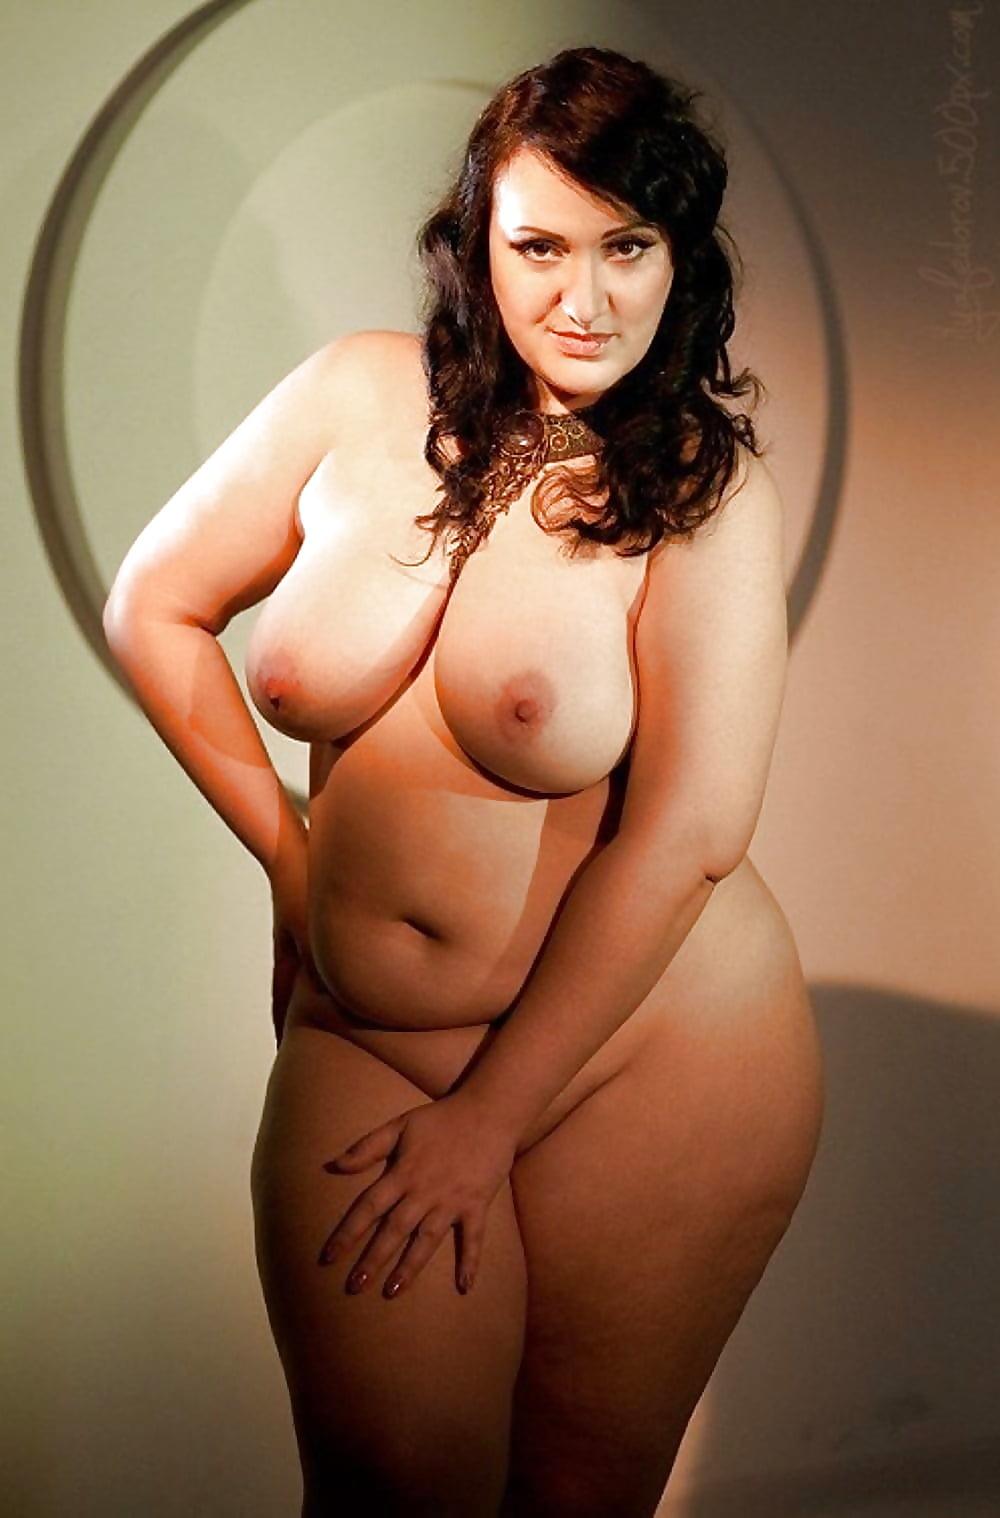 Plus size amatuer women hot nude think